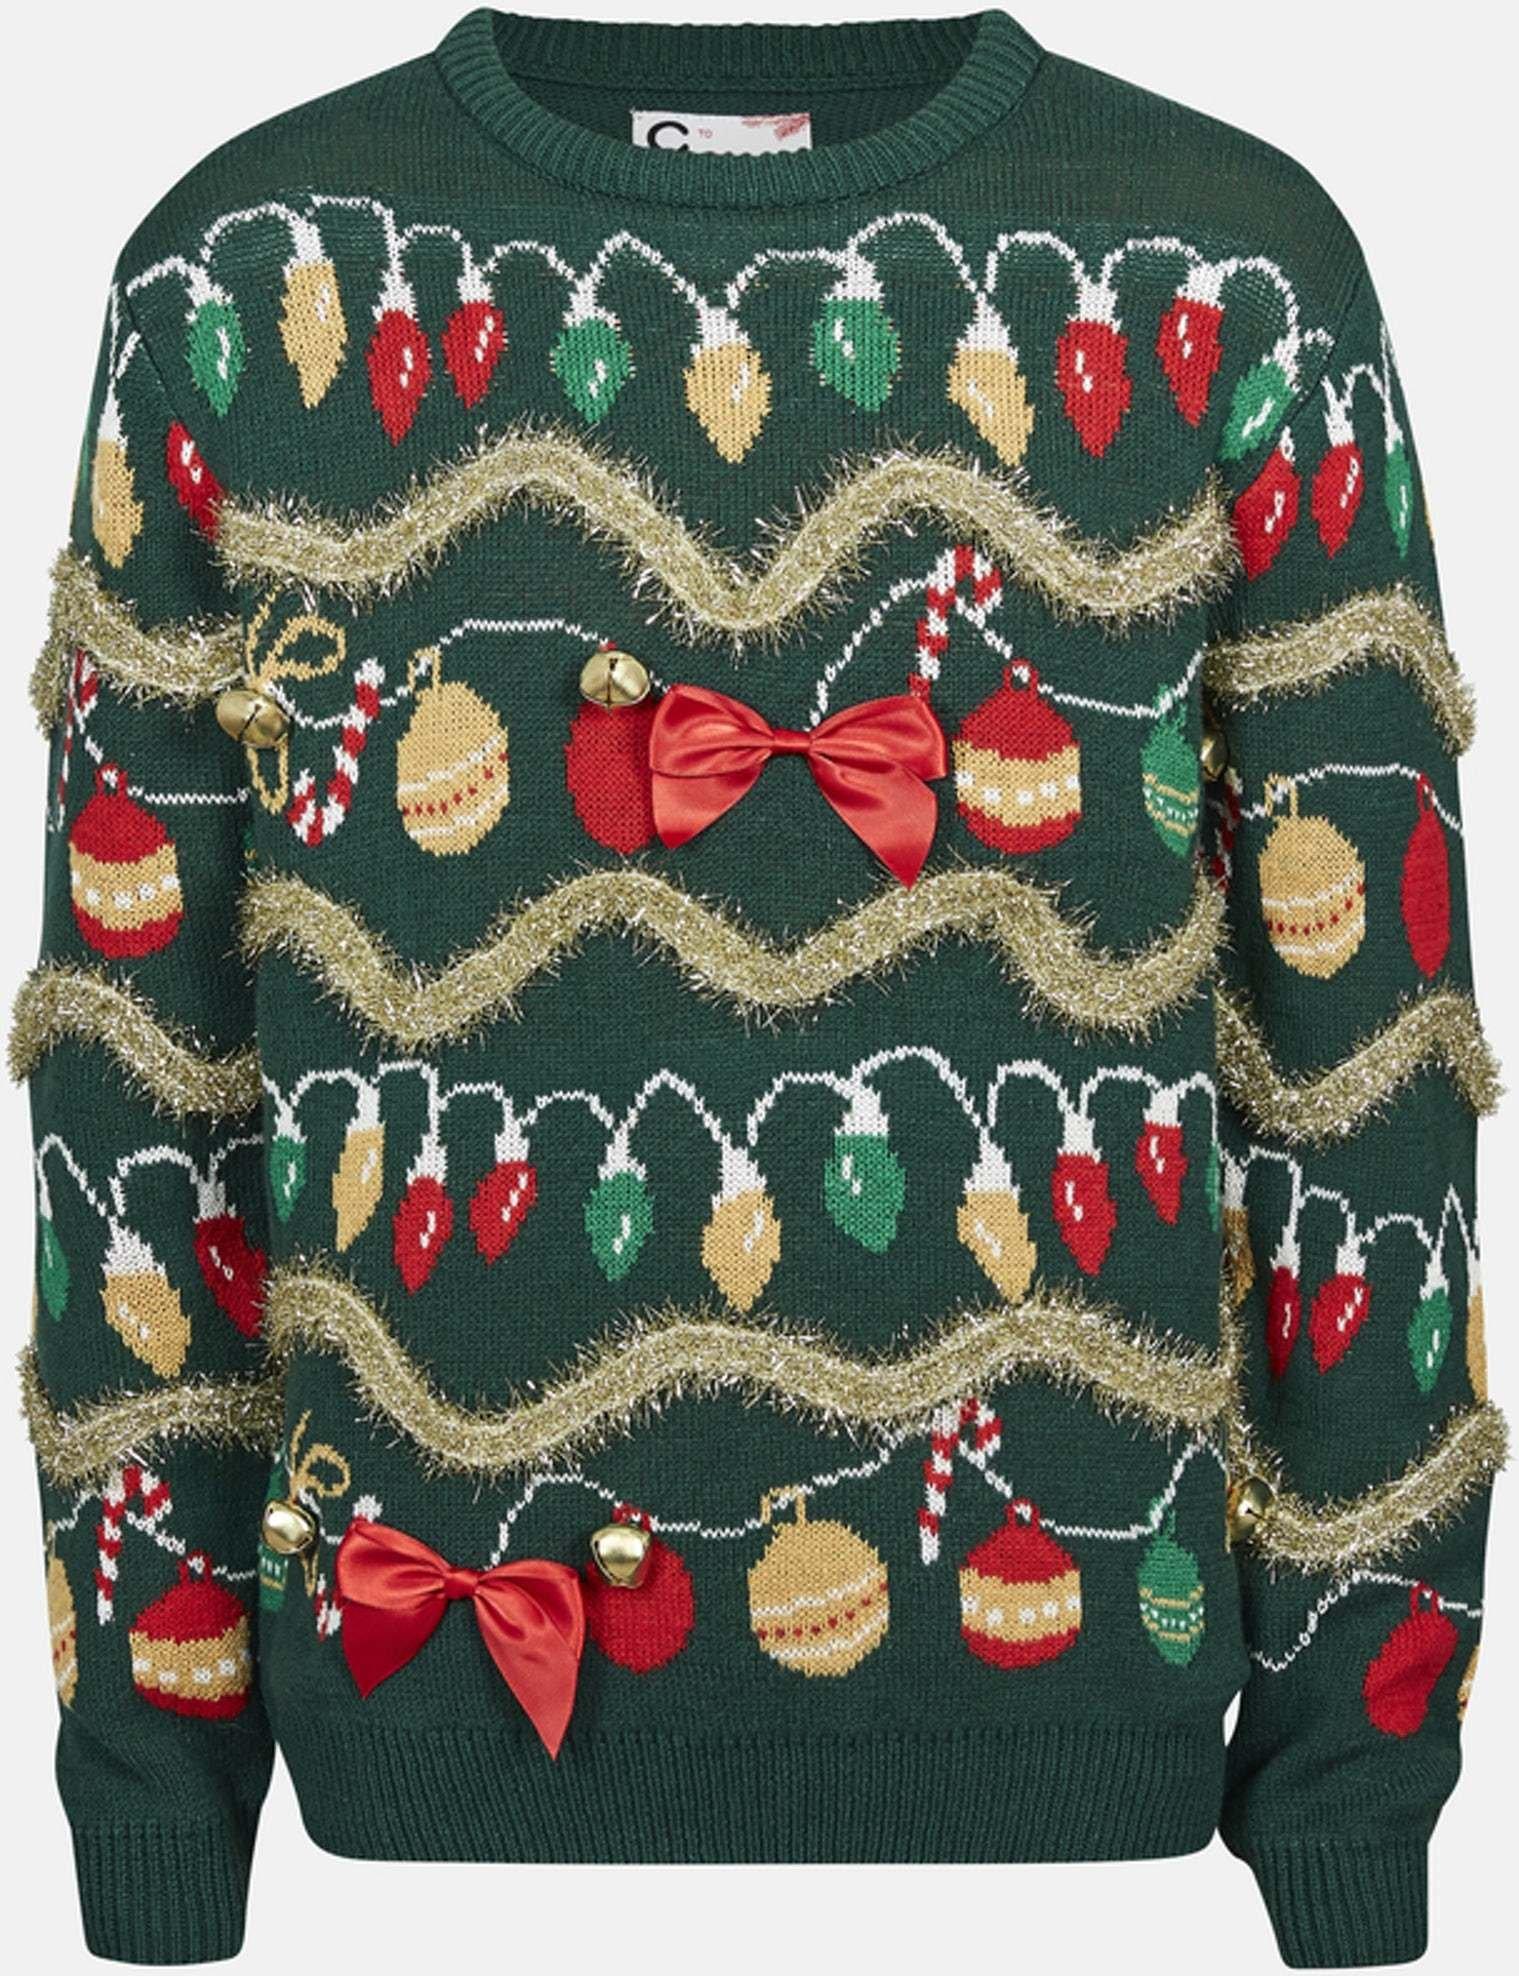 Best pris på Cubus Grønn julegenser (Herre) Se priser før kjøp